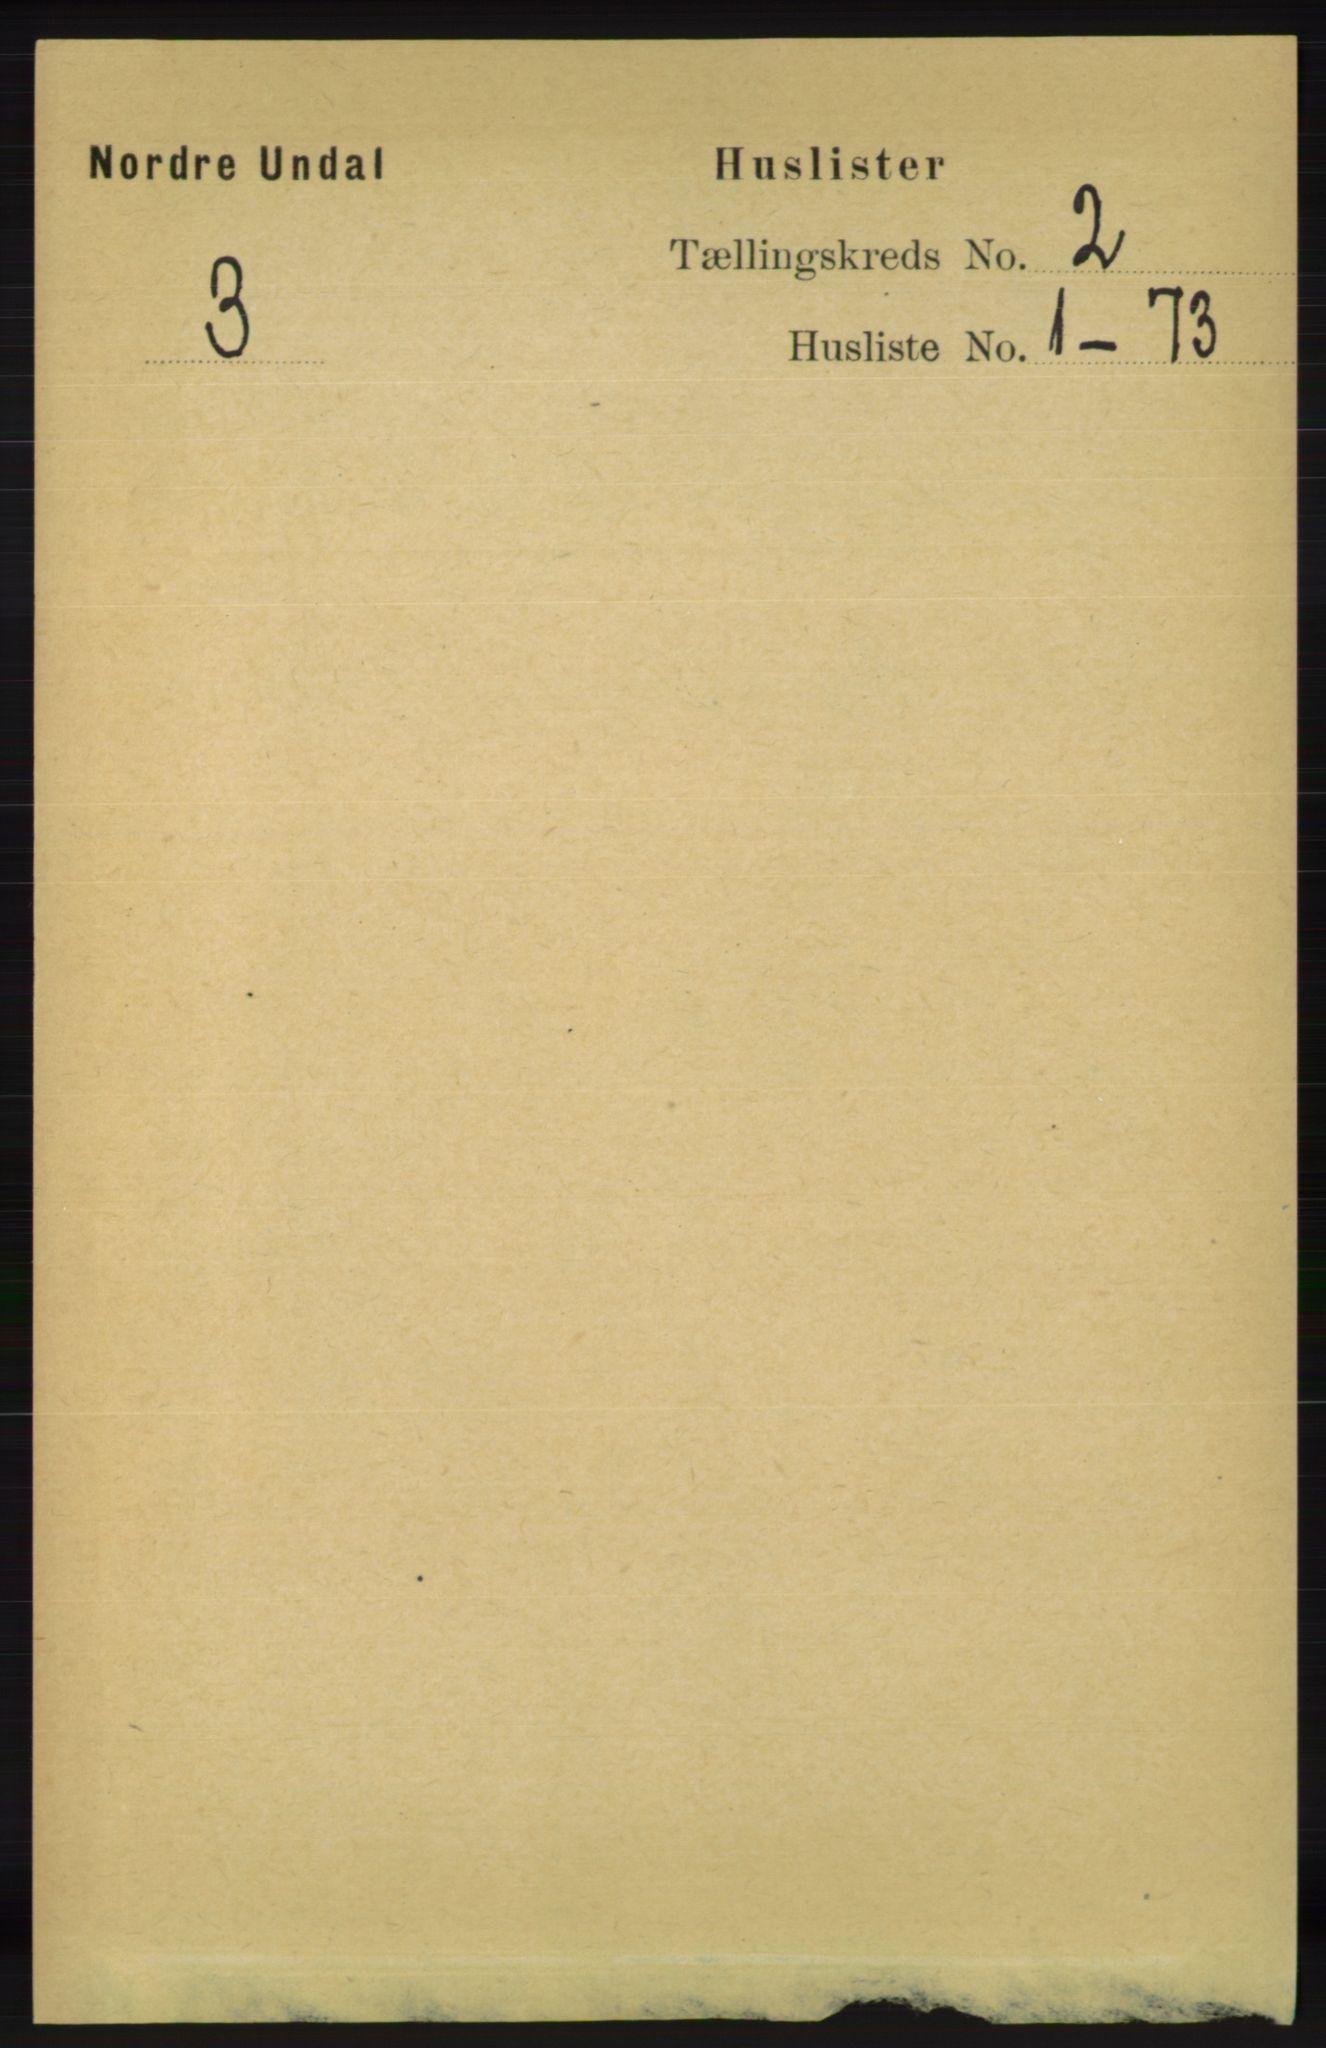 RA, Folketelling 1891 for 1028 Nord-Audnedal herred, 1891, s. 279